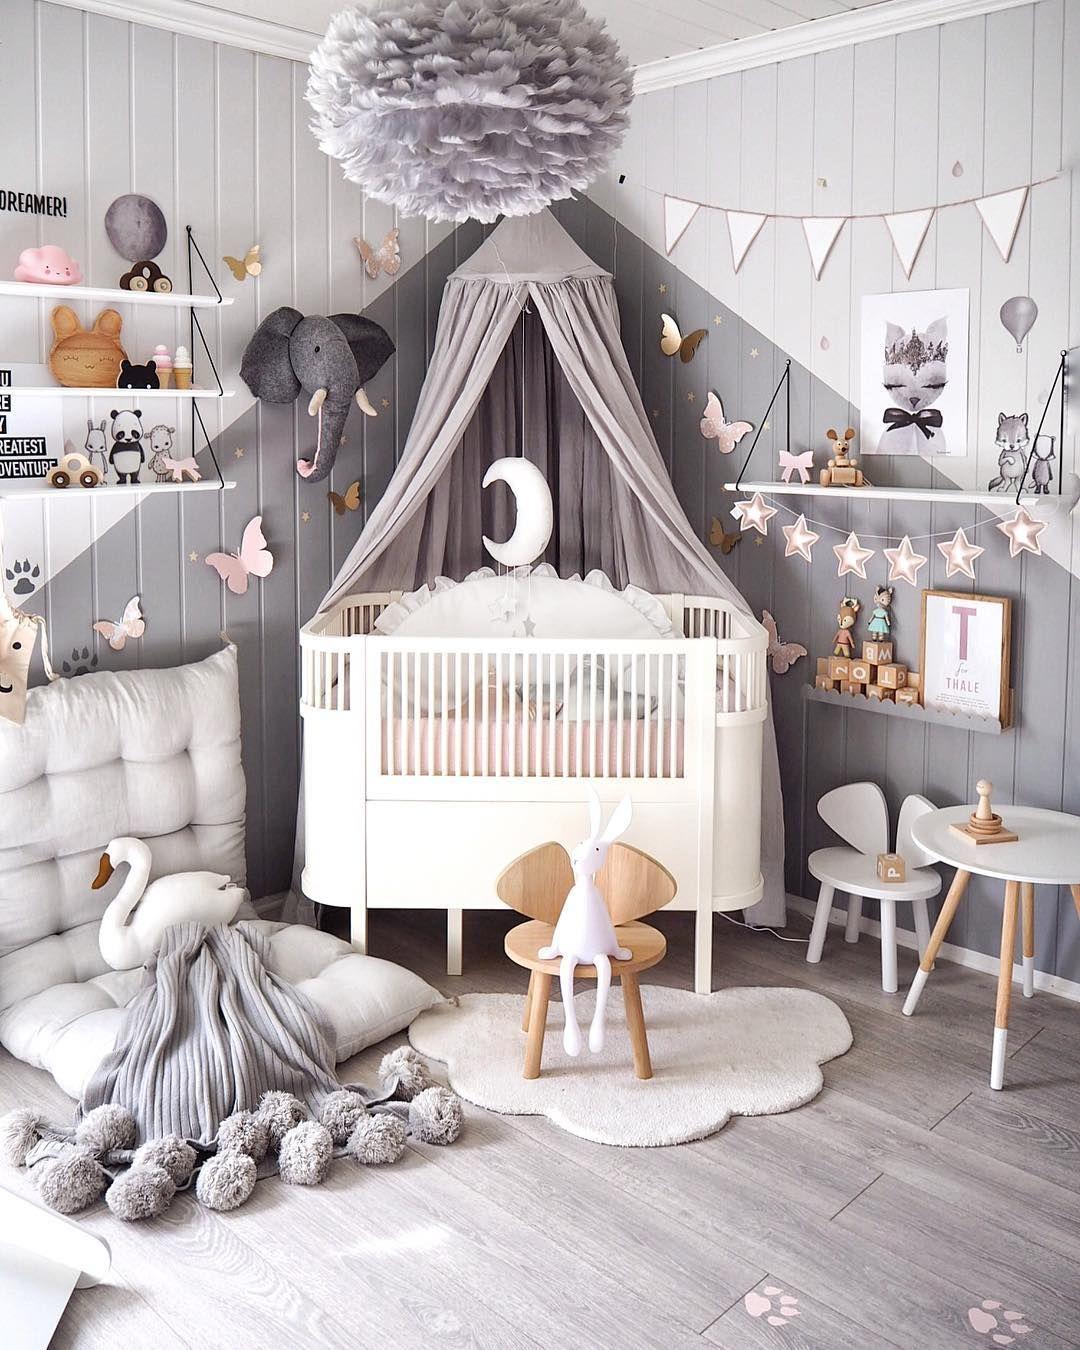 Graues Kinderzimmer mit verspielten Accessoires Graues